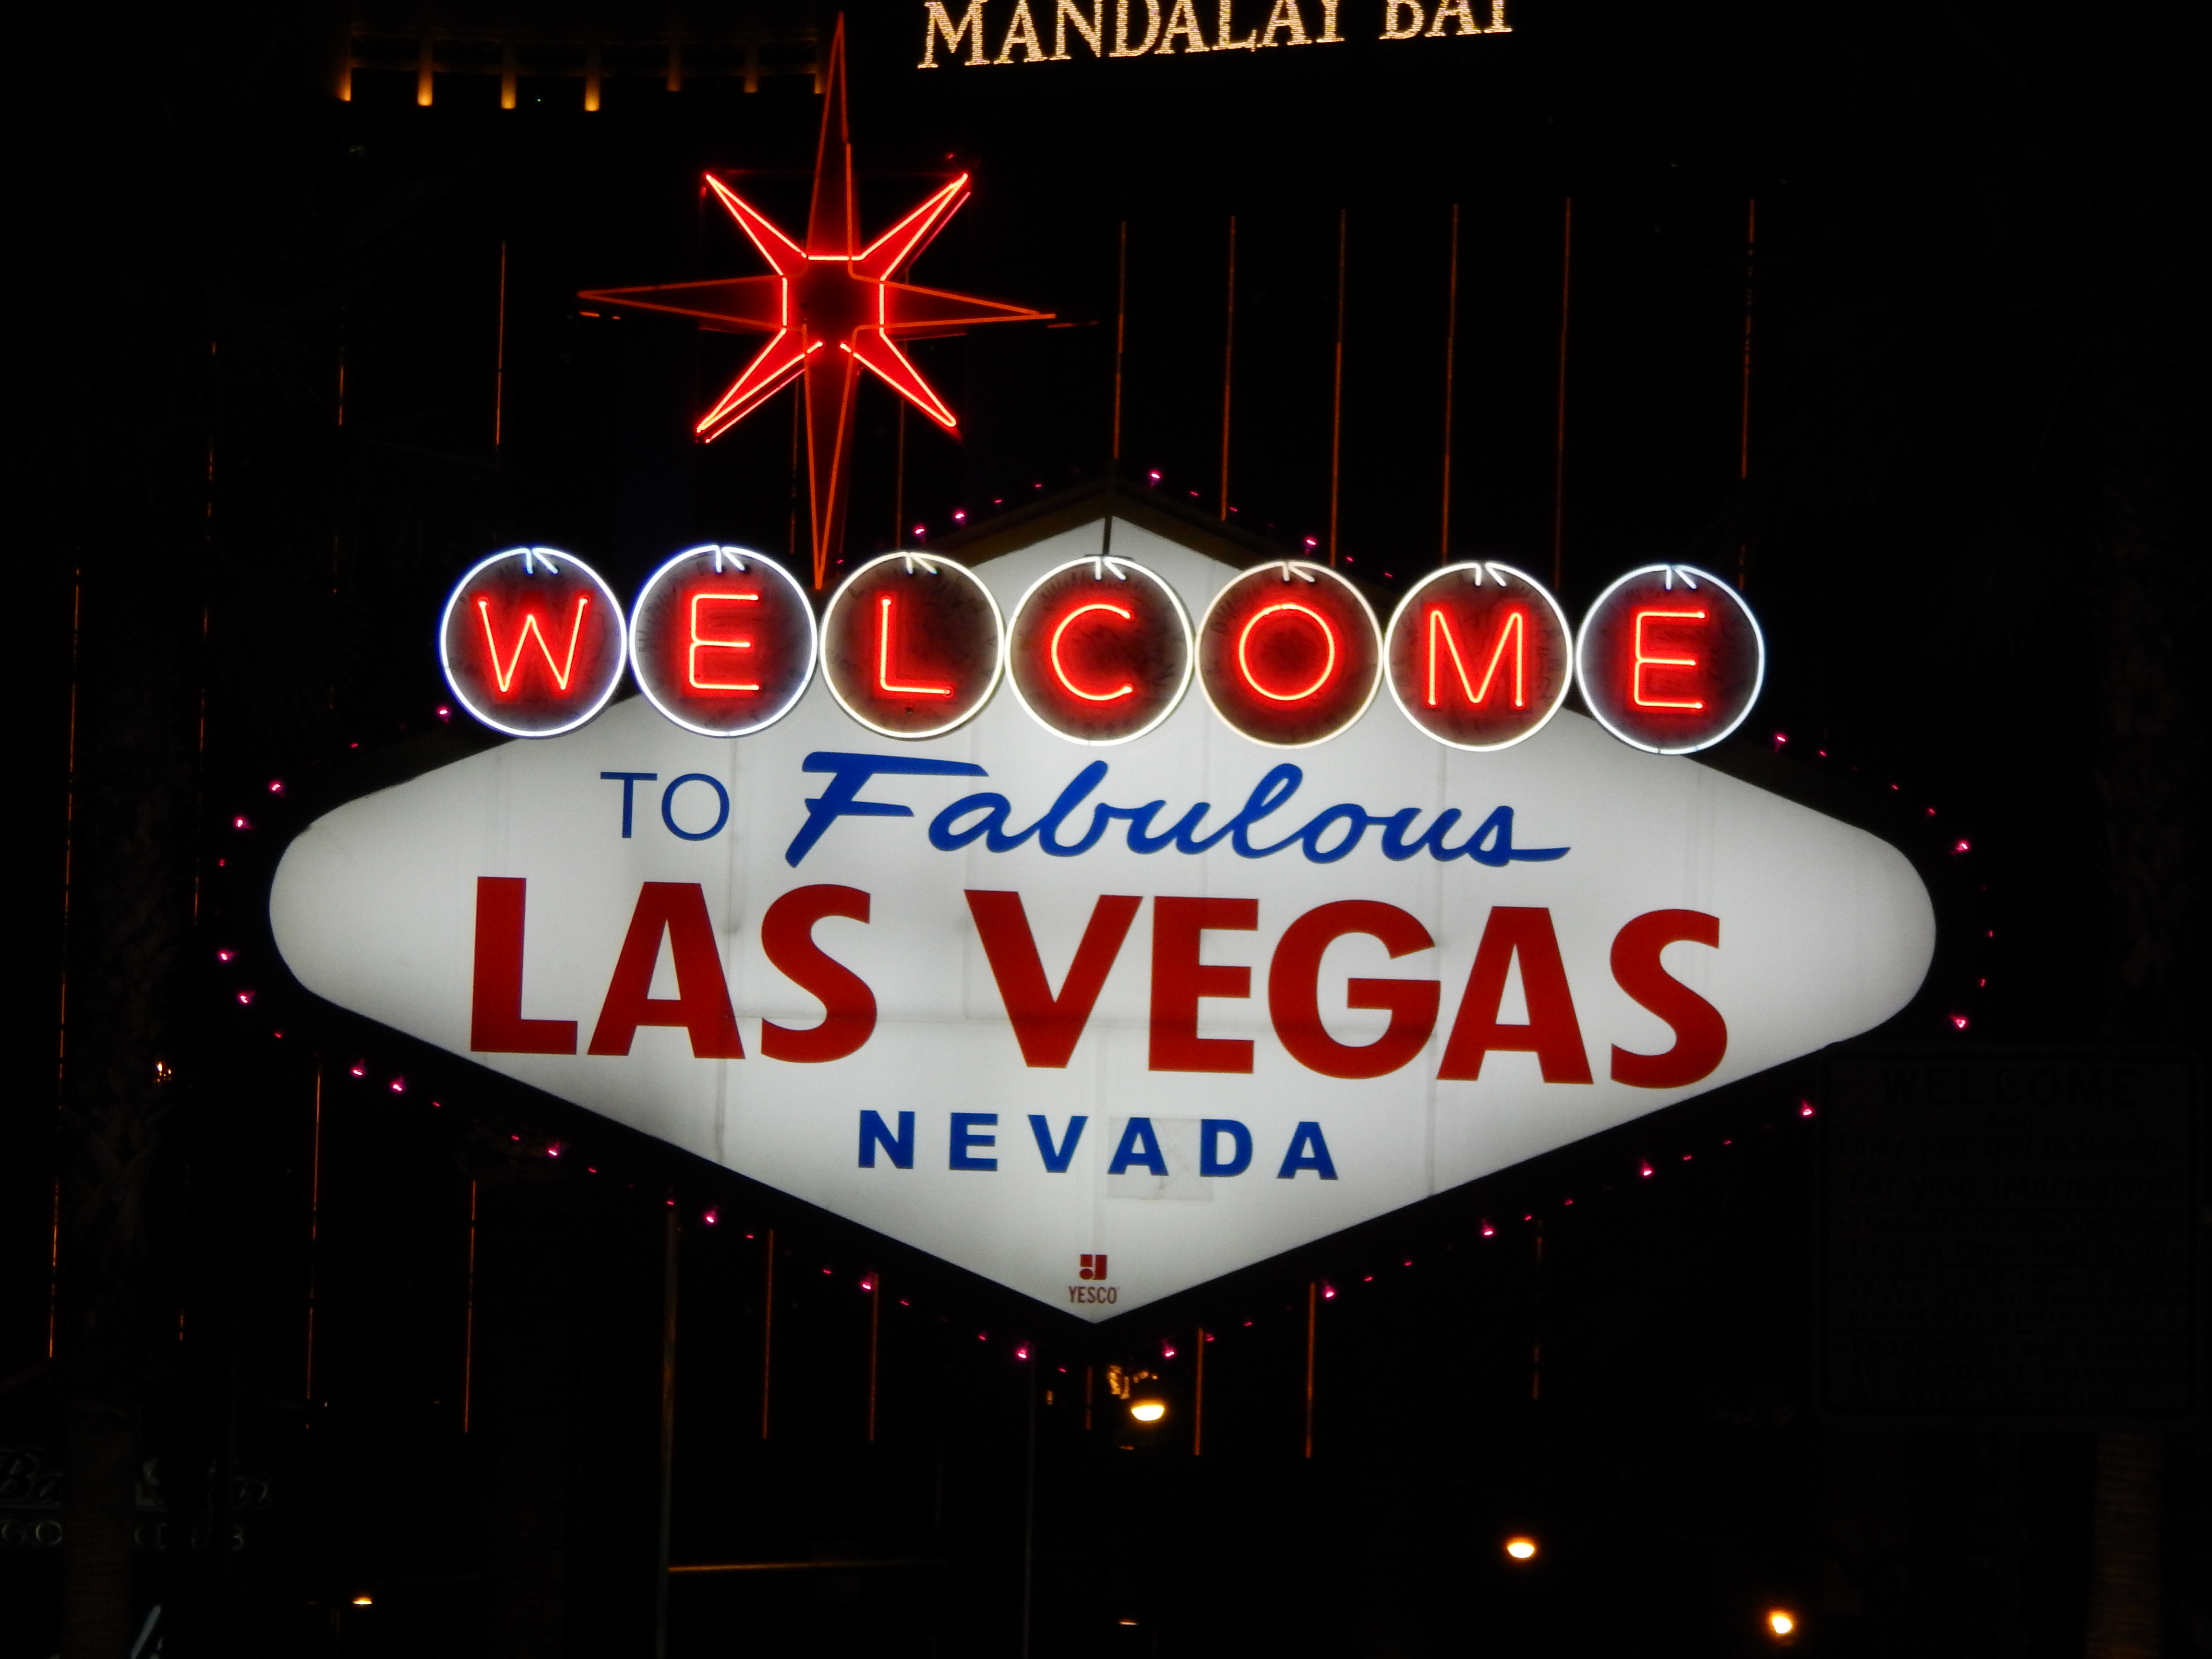 Las Vegas, faites vos jeux !